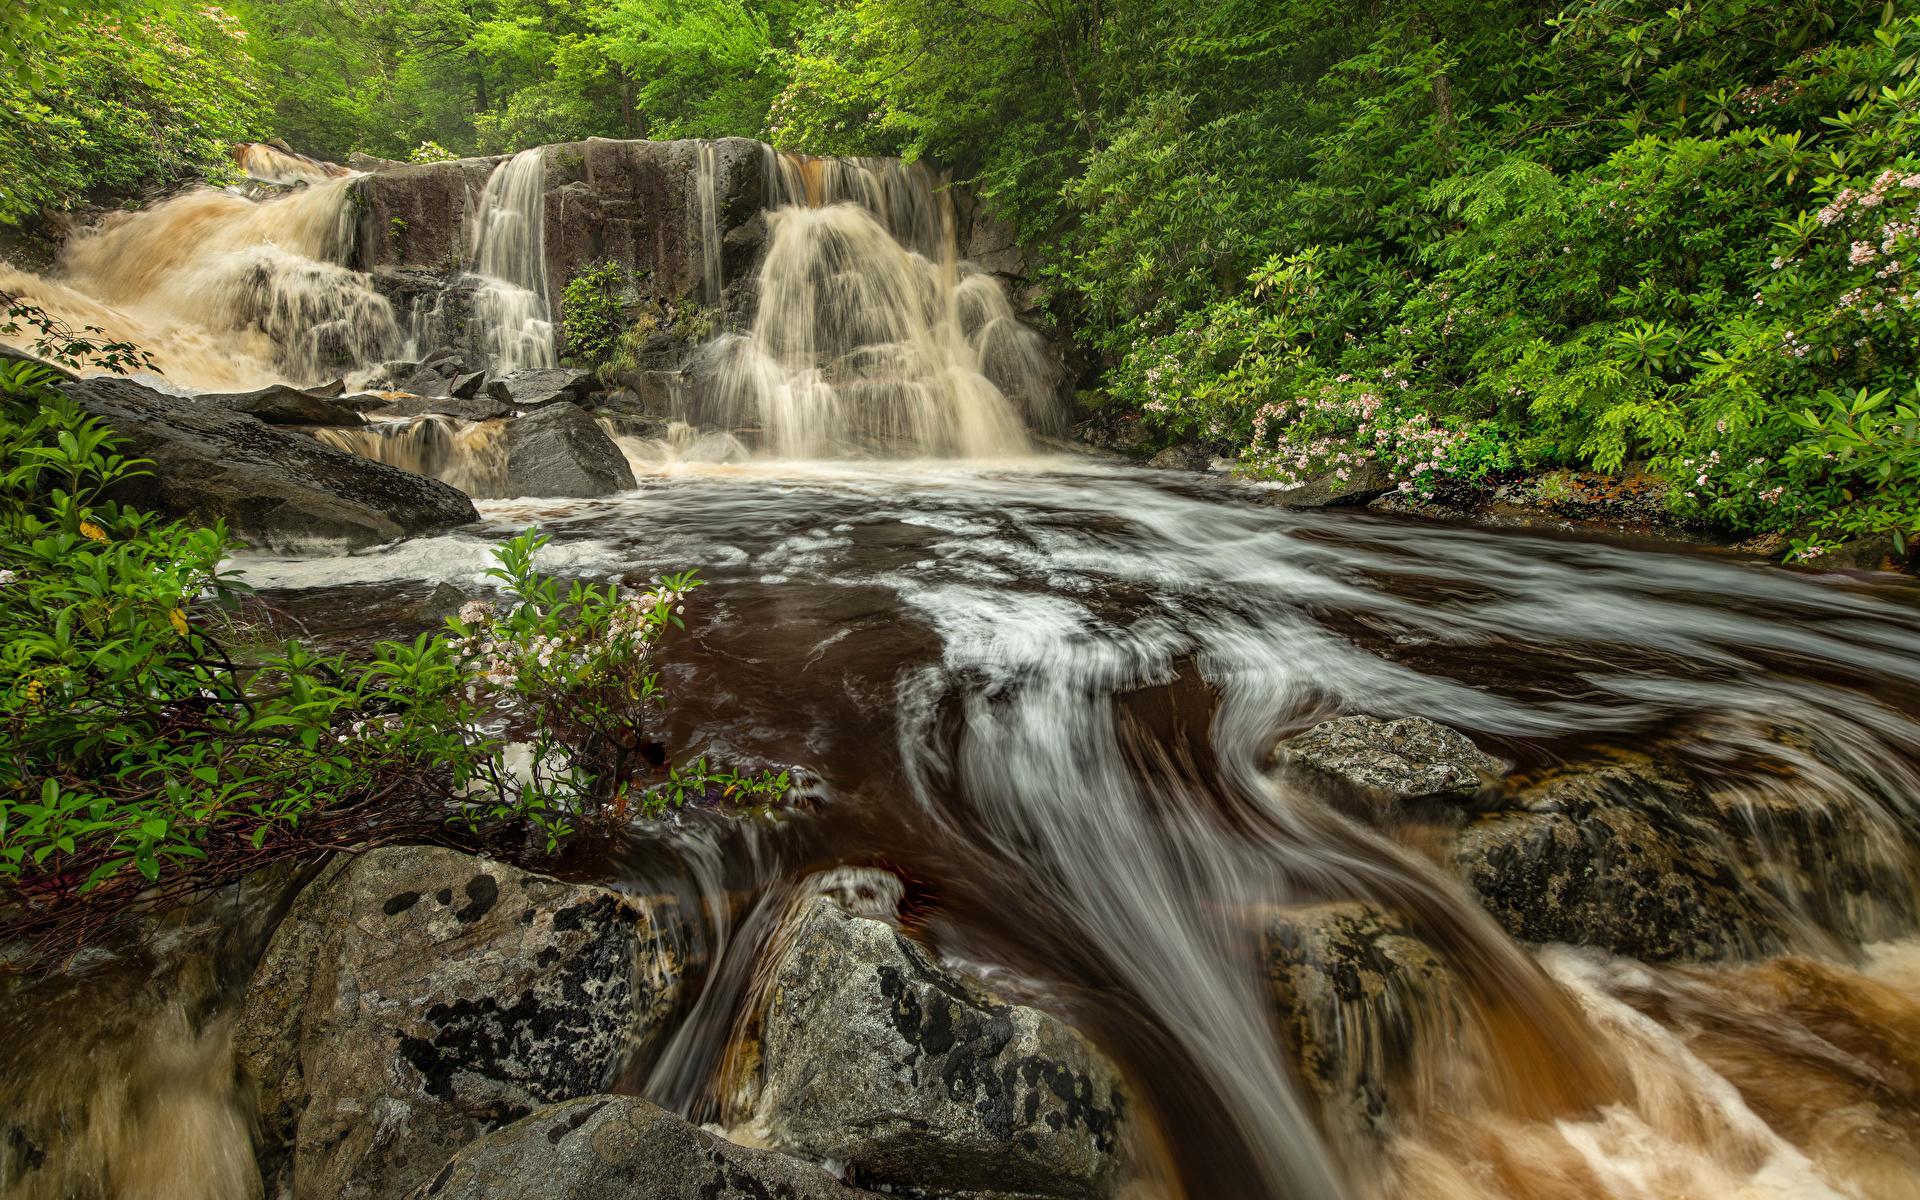 Bilder Vereinigte Staaten Blackwater Falls State Park Virginia Natur Felsen Wasserfall Parks Steine 1920x1200 USA Stein